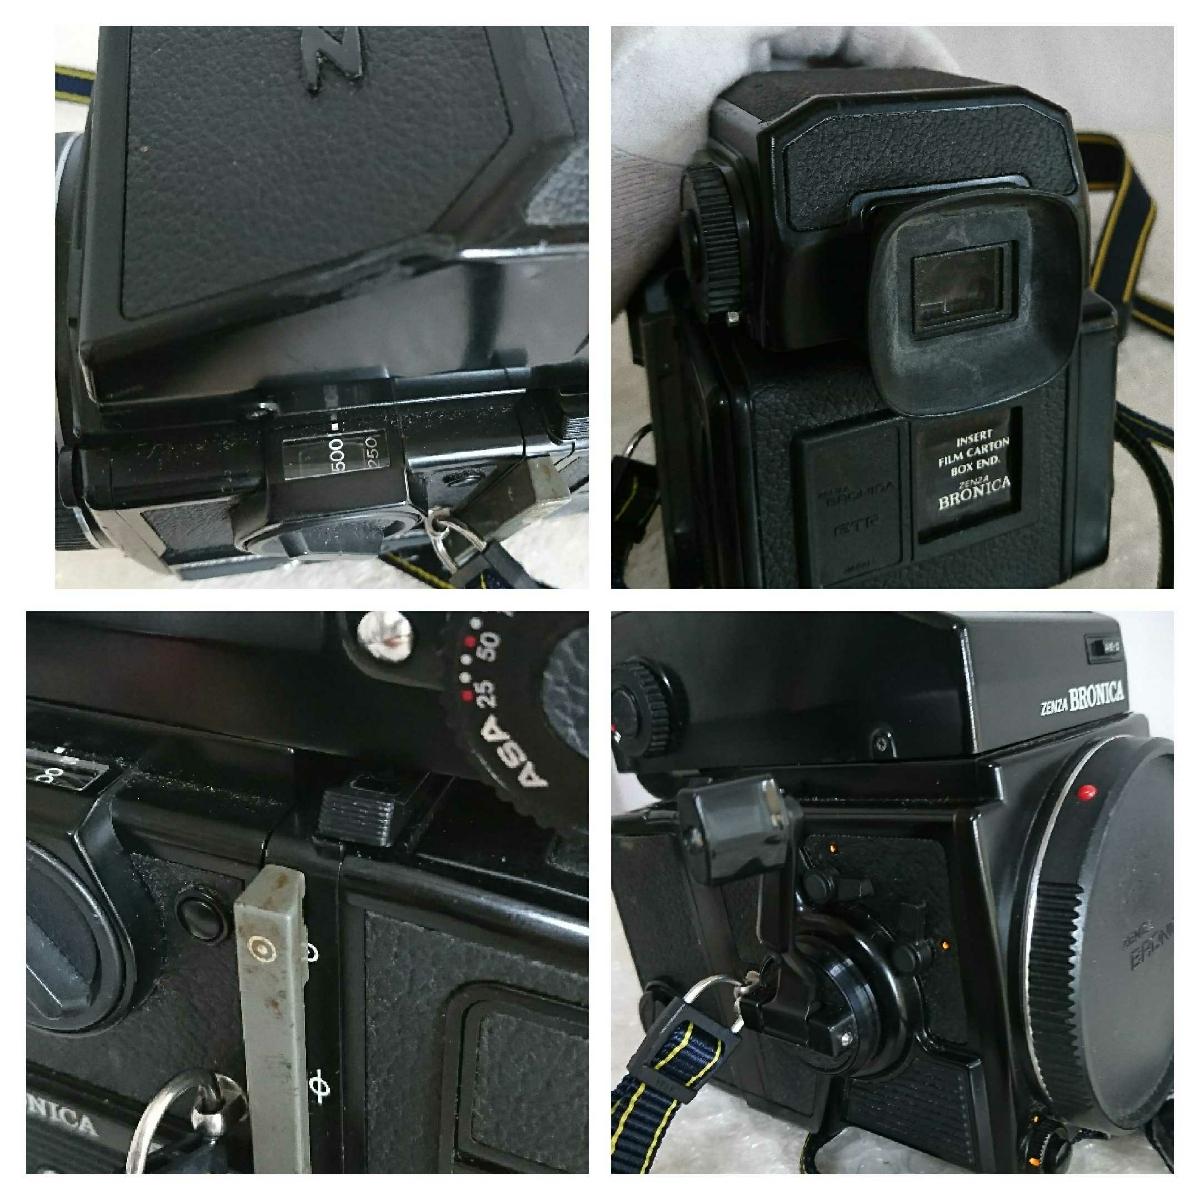 ZENZA BRONICA ゼンザブロニカ ETRSi + レンズ ZENZANON MC 50mm 1:2.8 等 3本 + フィルムパック 2個 + フィルター セット まとめ まとめて_画像10